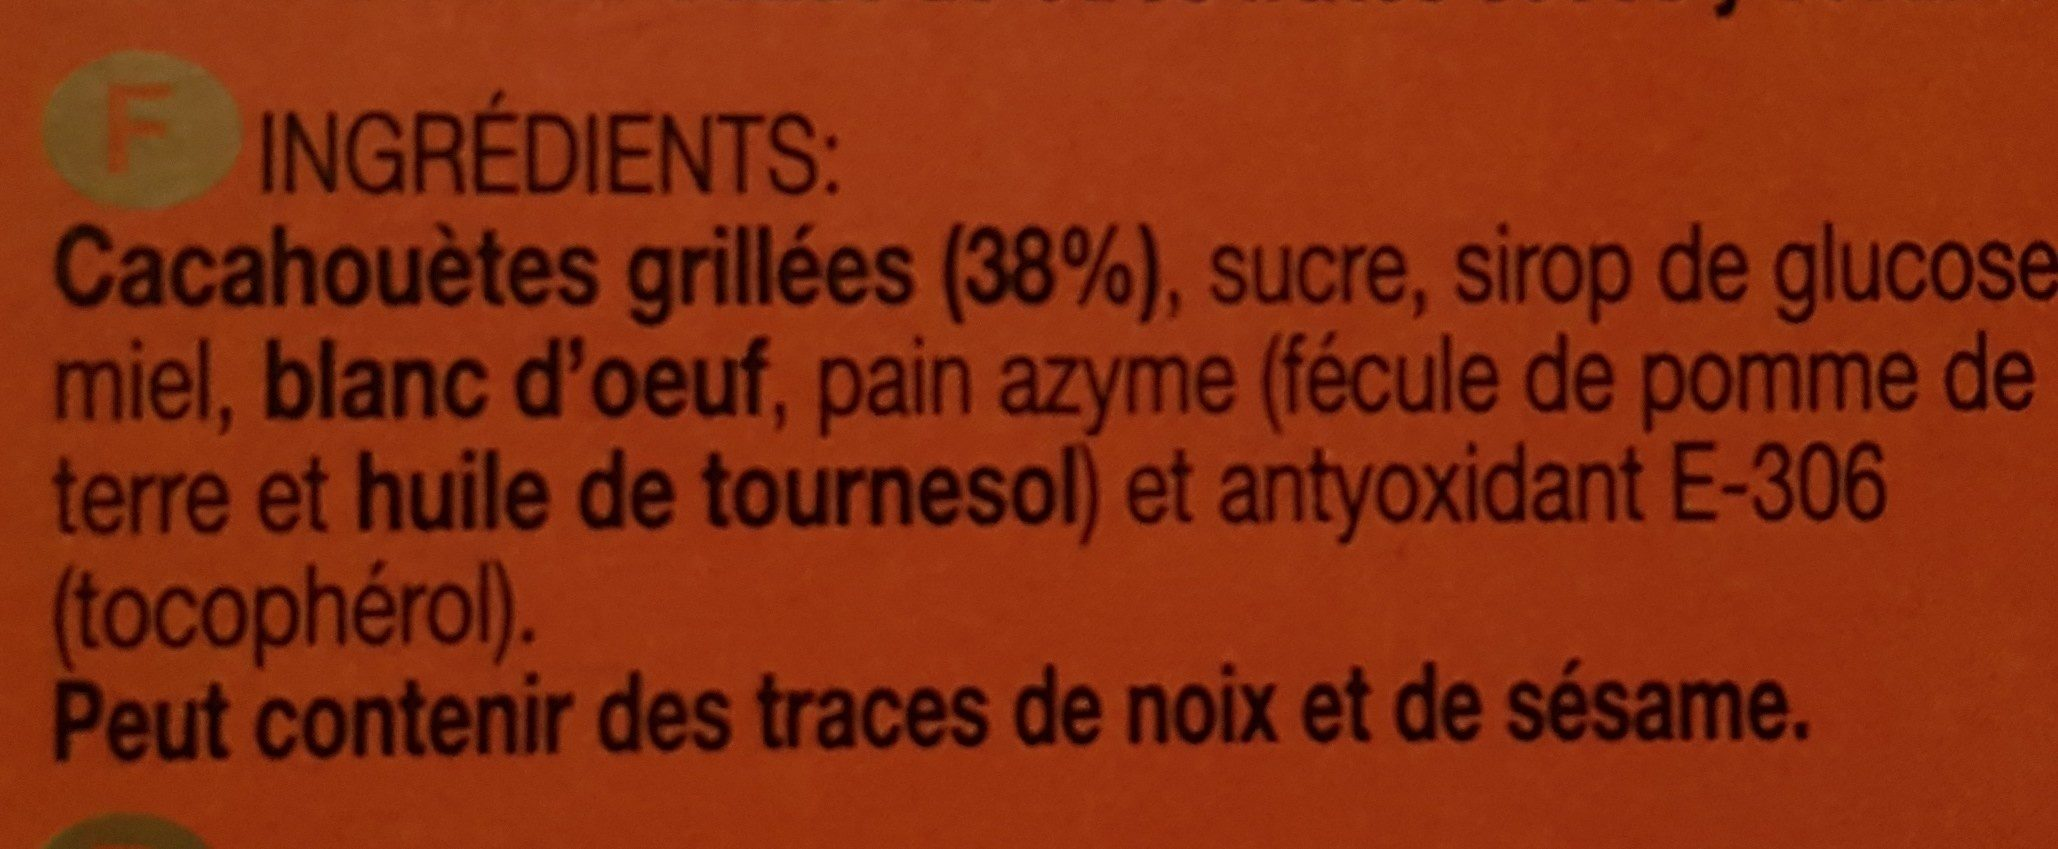 Turron diverso de cacahuete - Ingredientes - fr